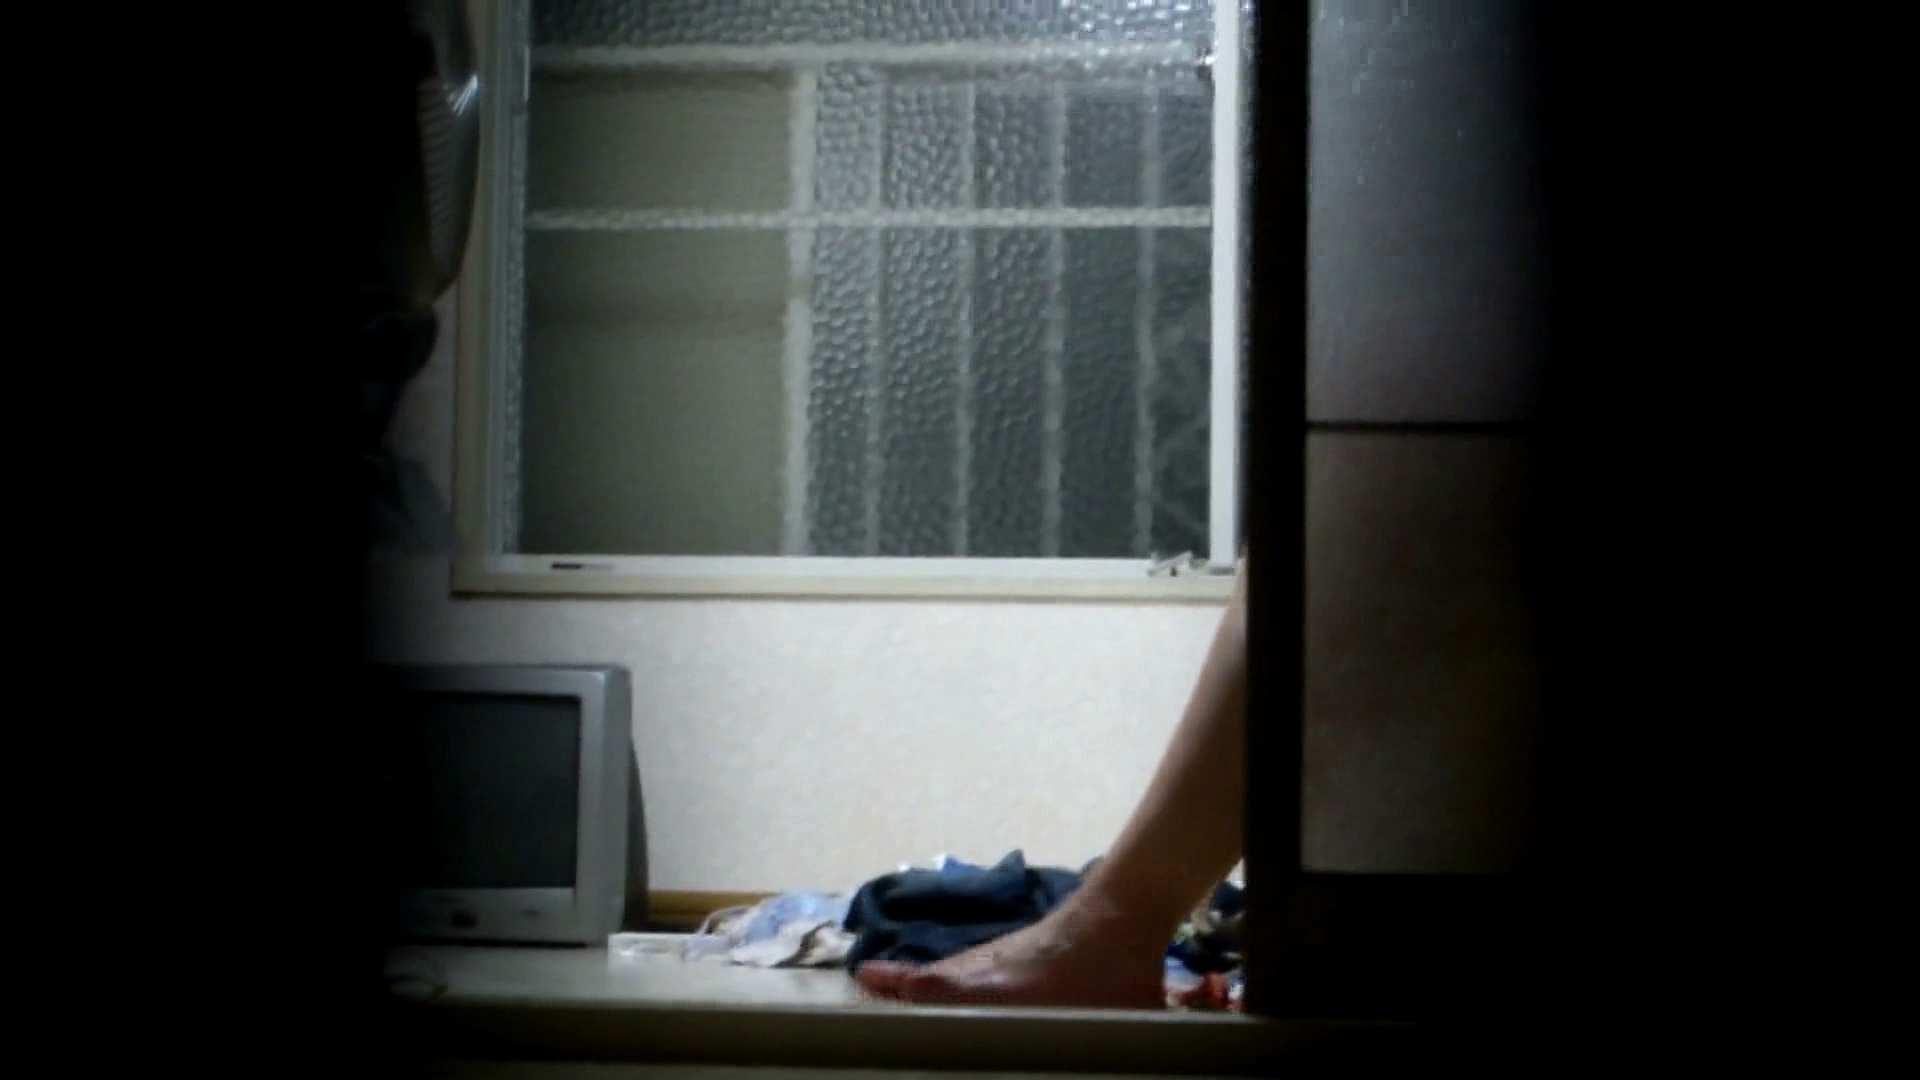 リアル盗撮 清楚なお女市さんのマル秘私生活② 高画質 セックス画像 56連発 49